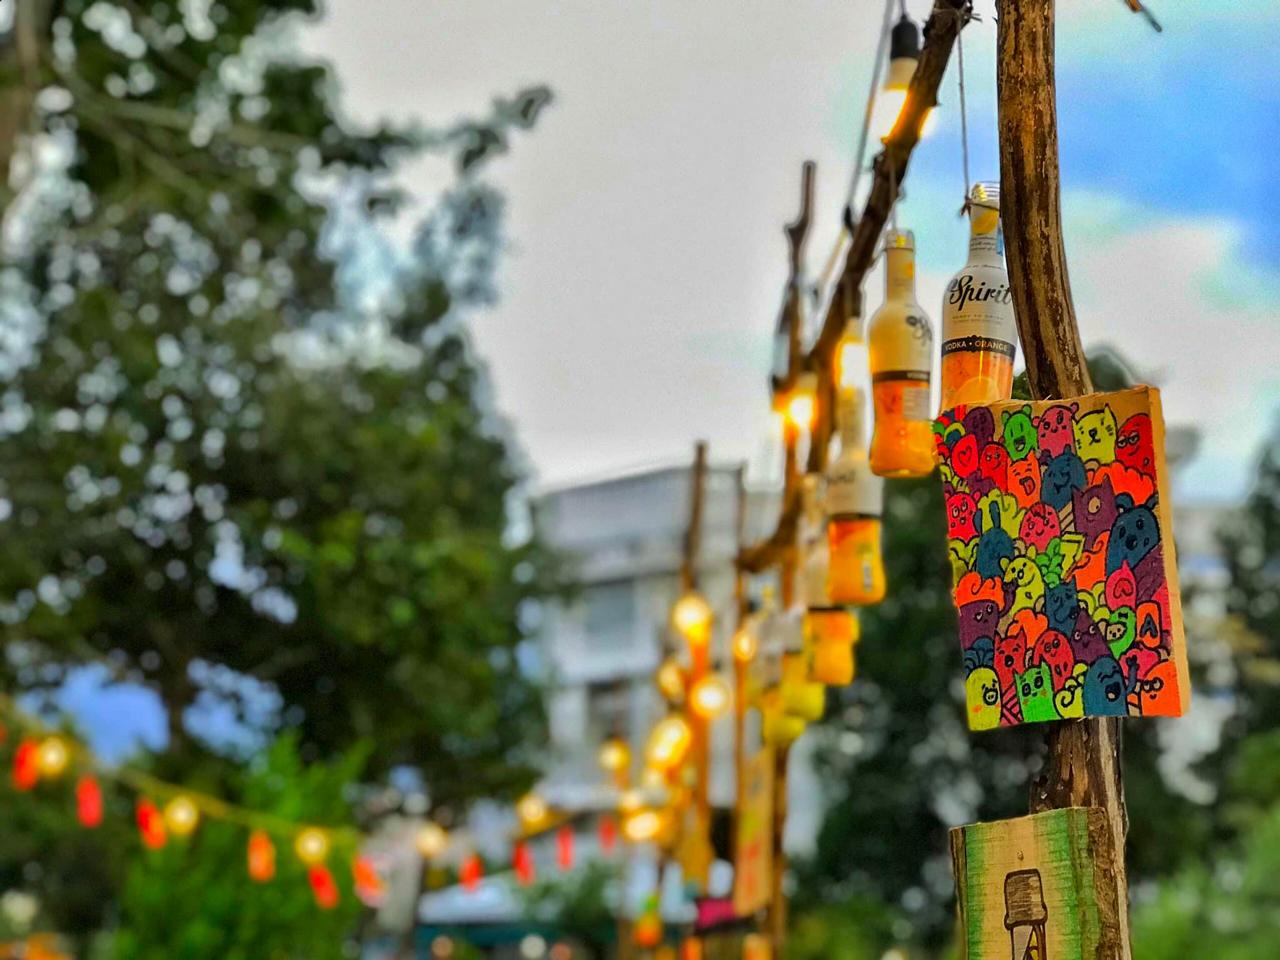 Trang trí ở kdc Hưng Phú đều là handmade